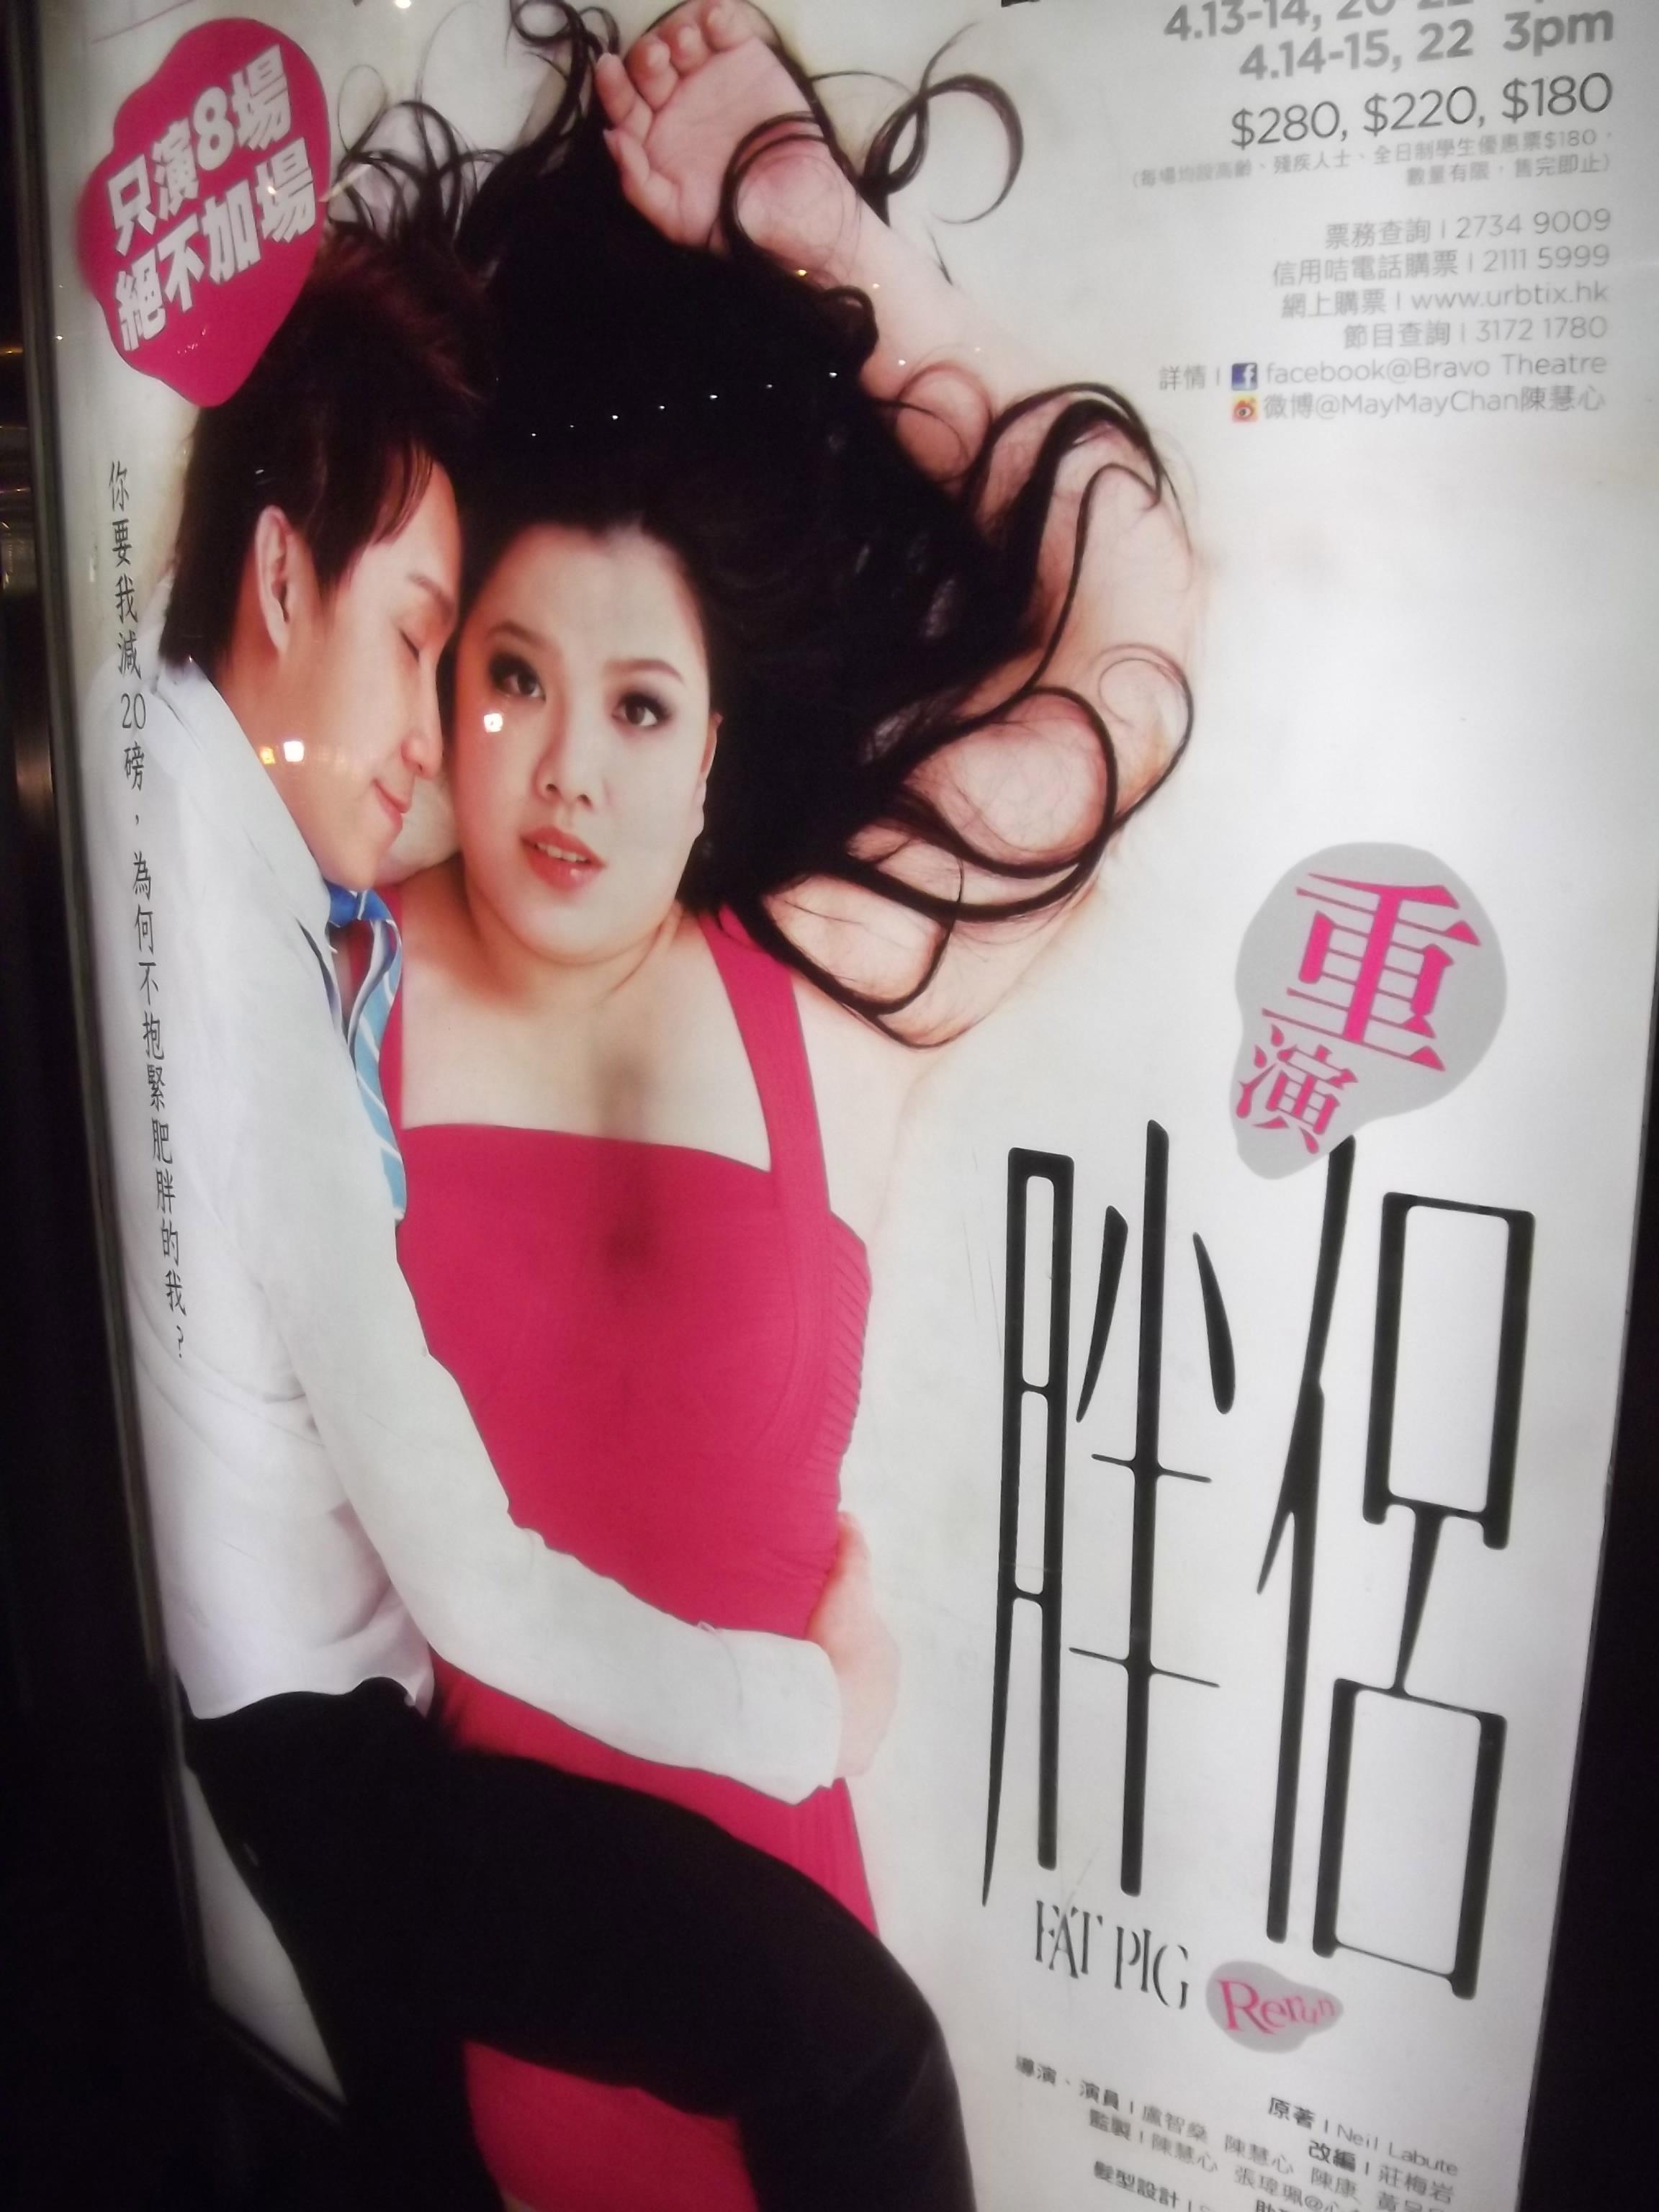 Chunky asian women